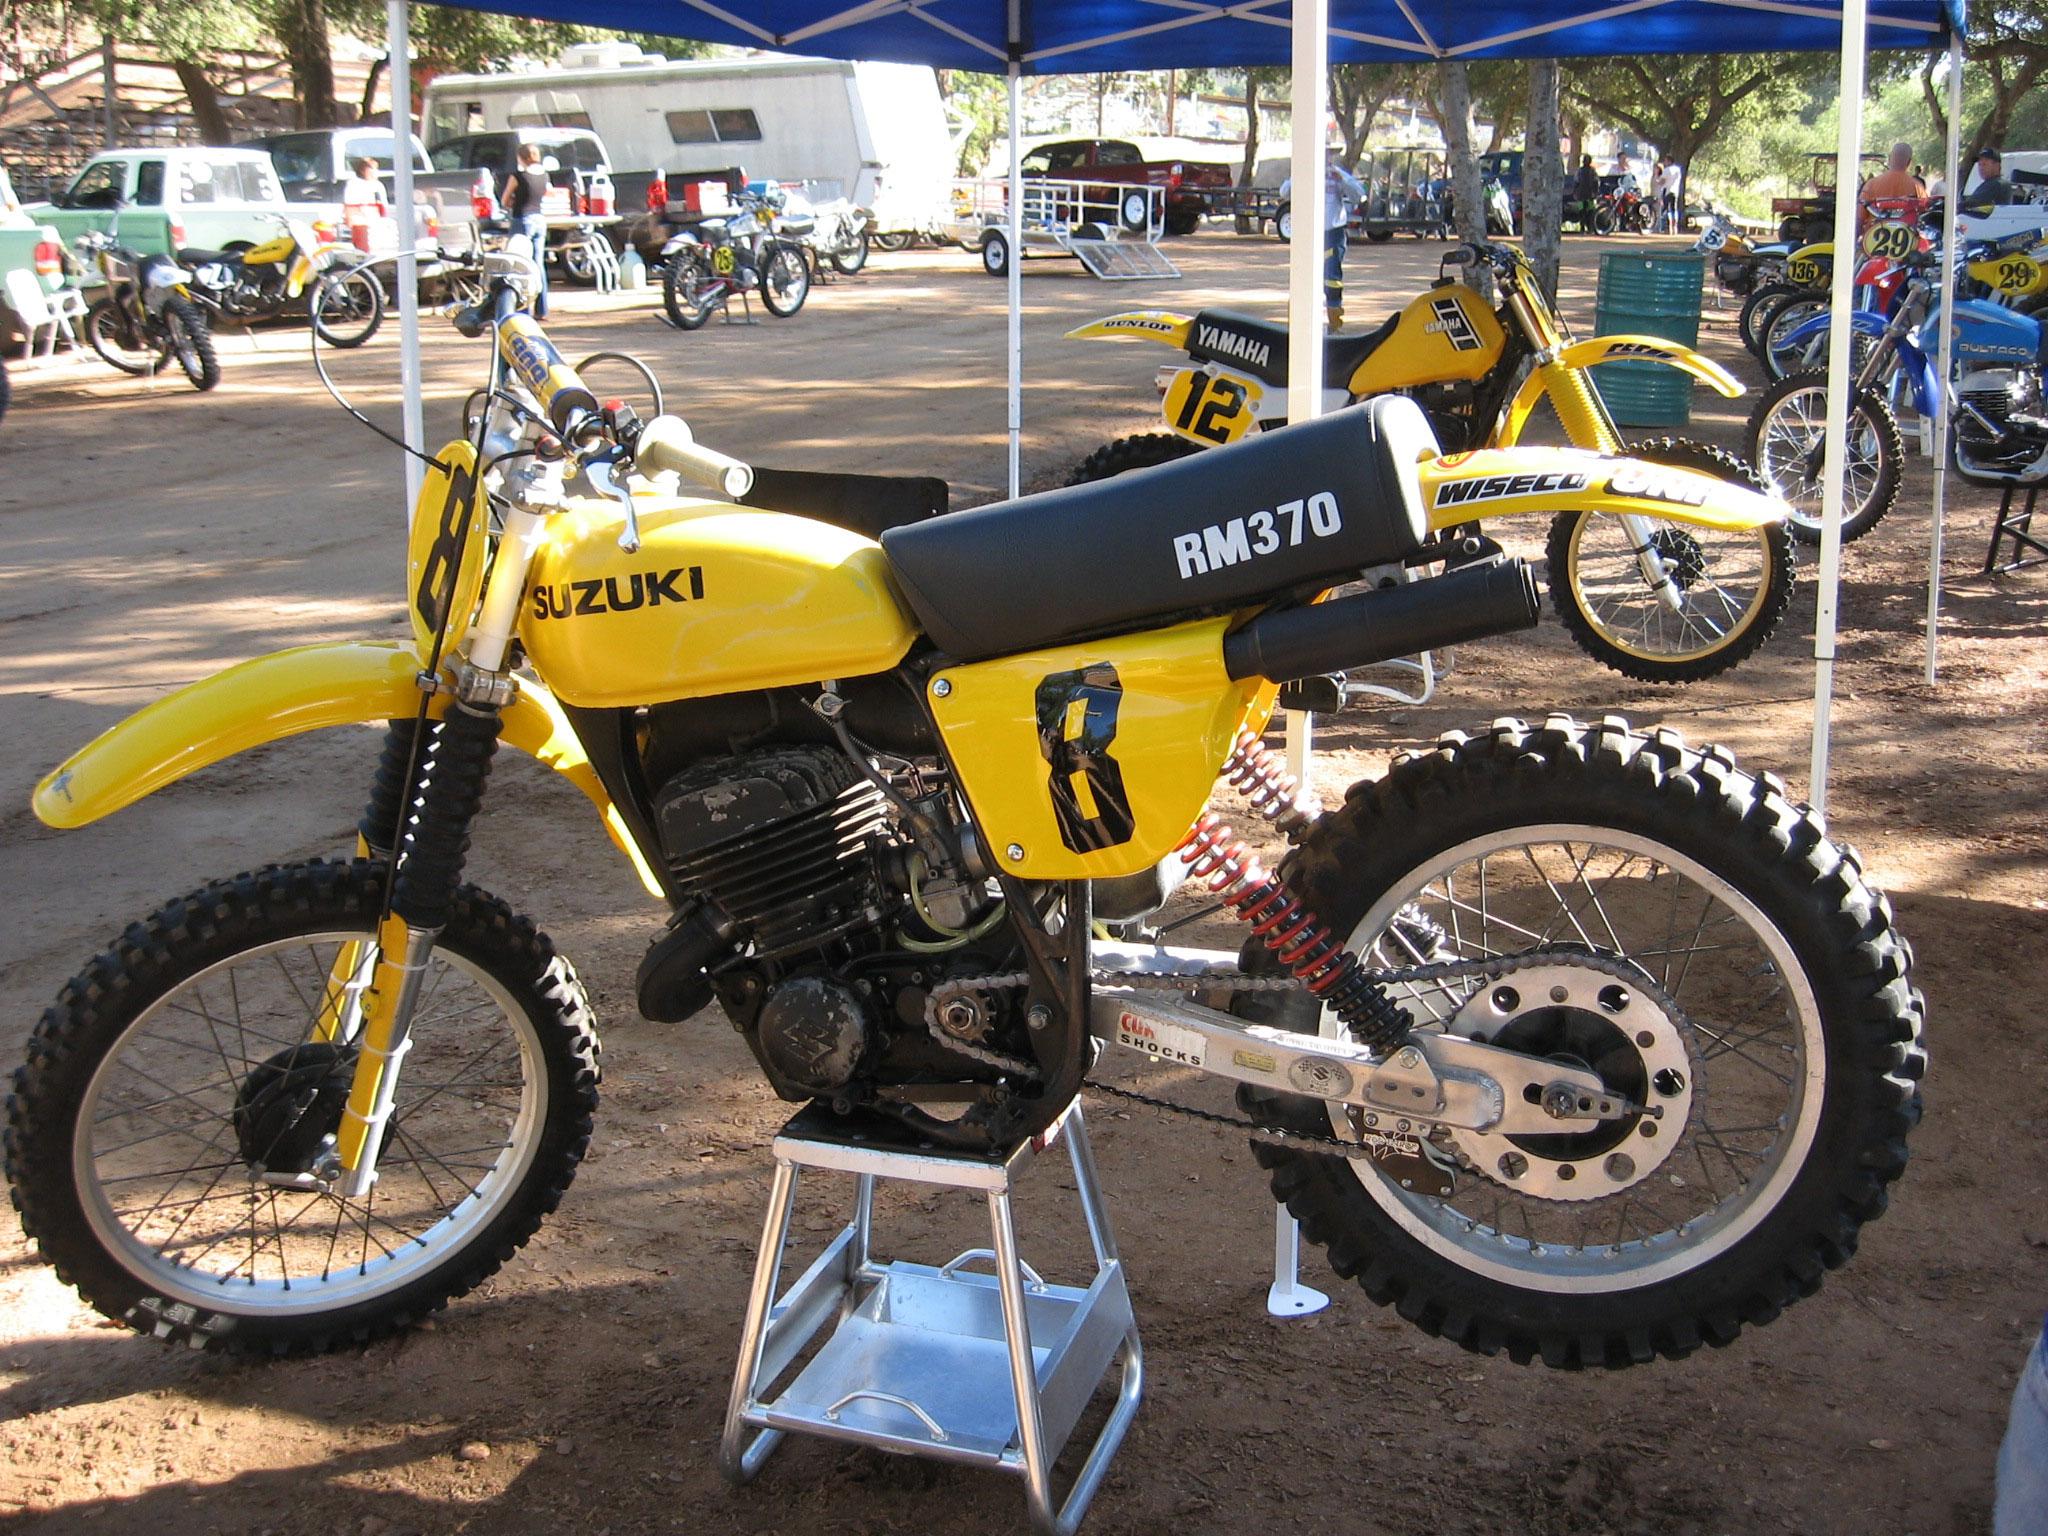 Suzuki Rm 370 1977